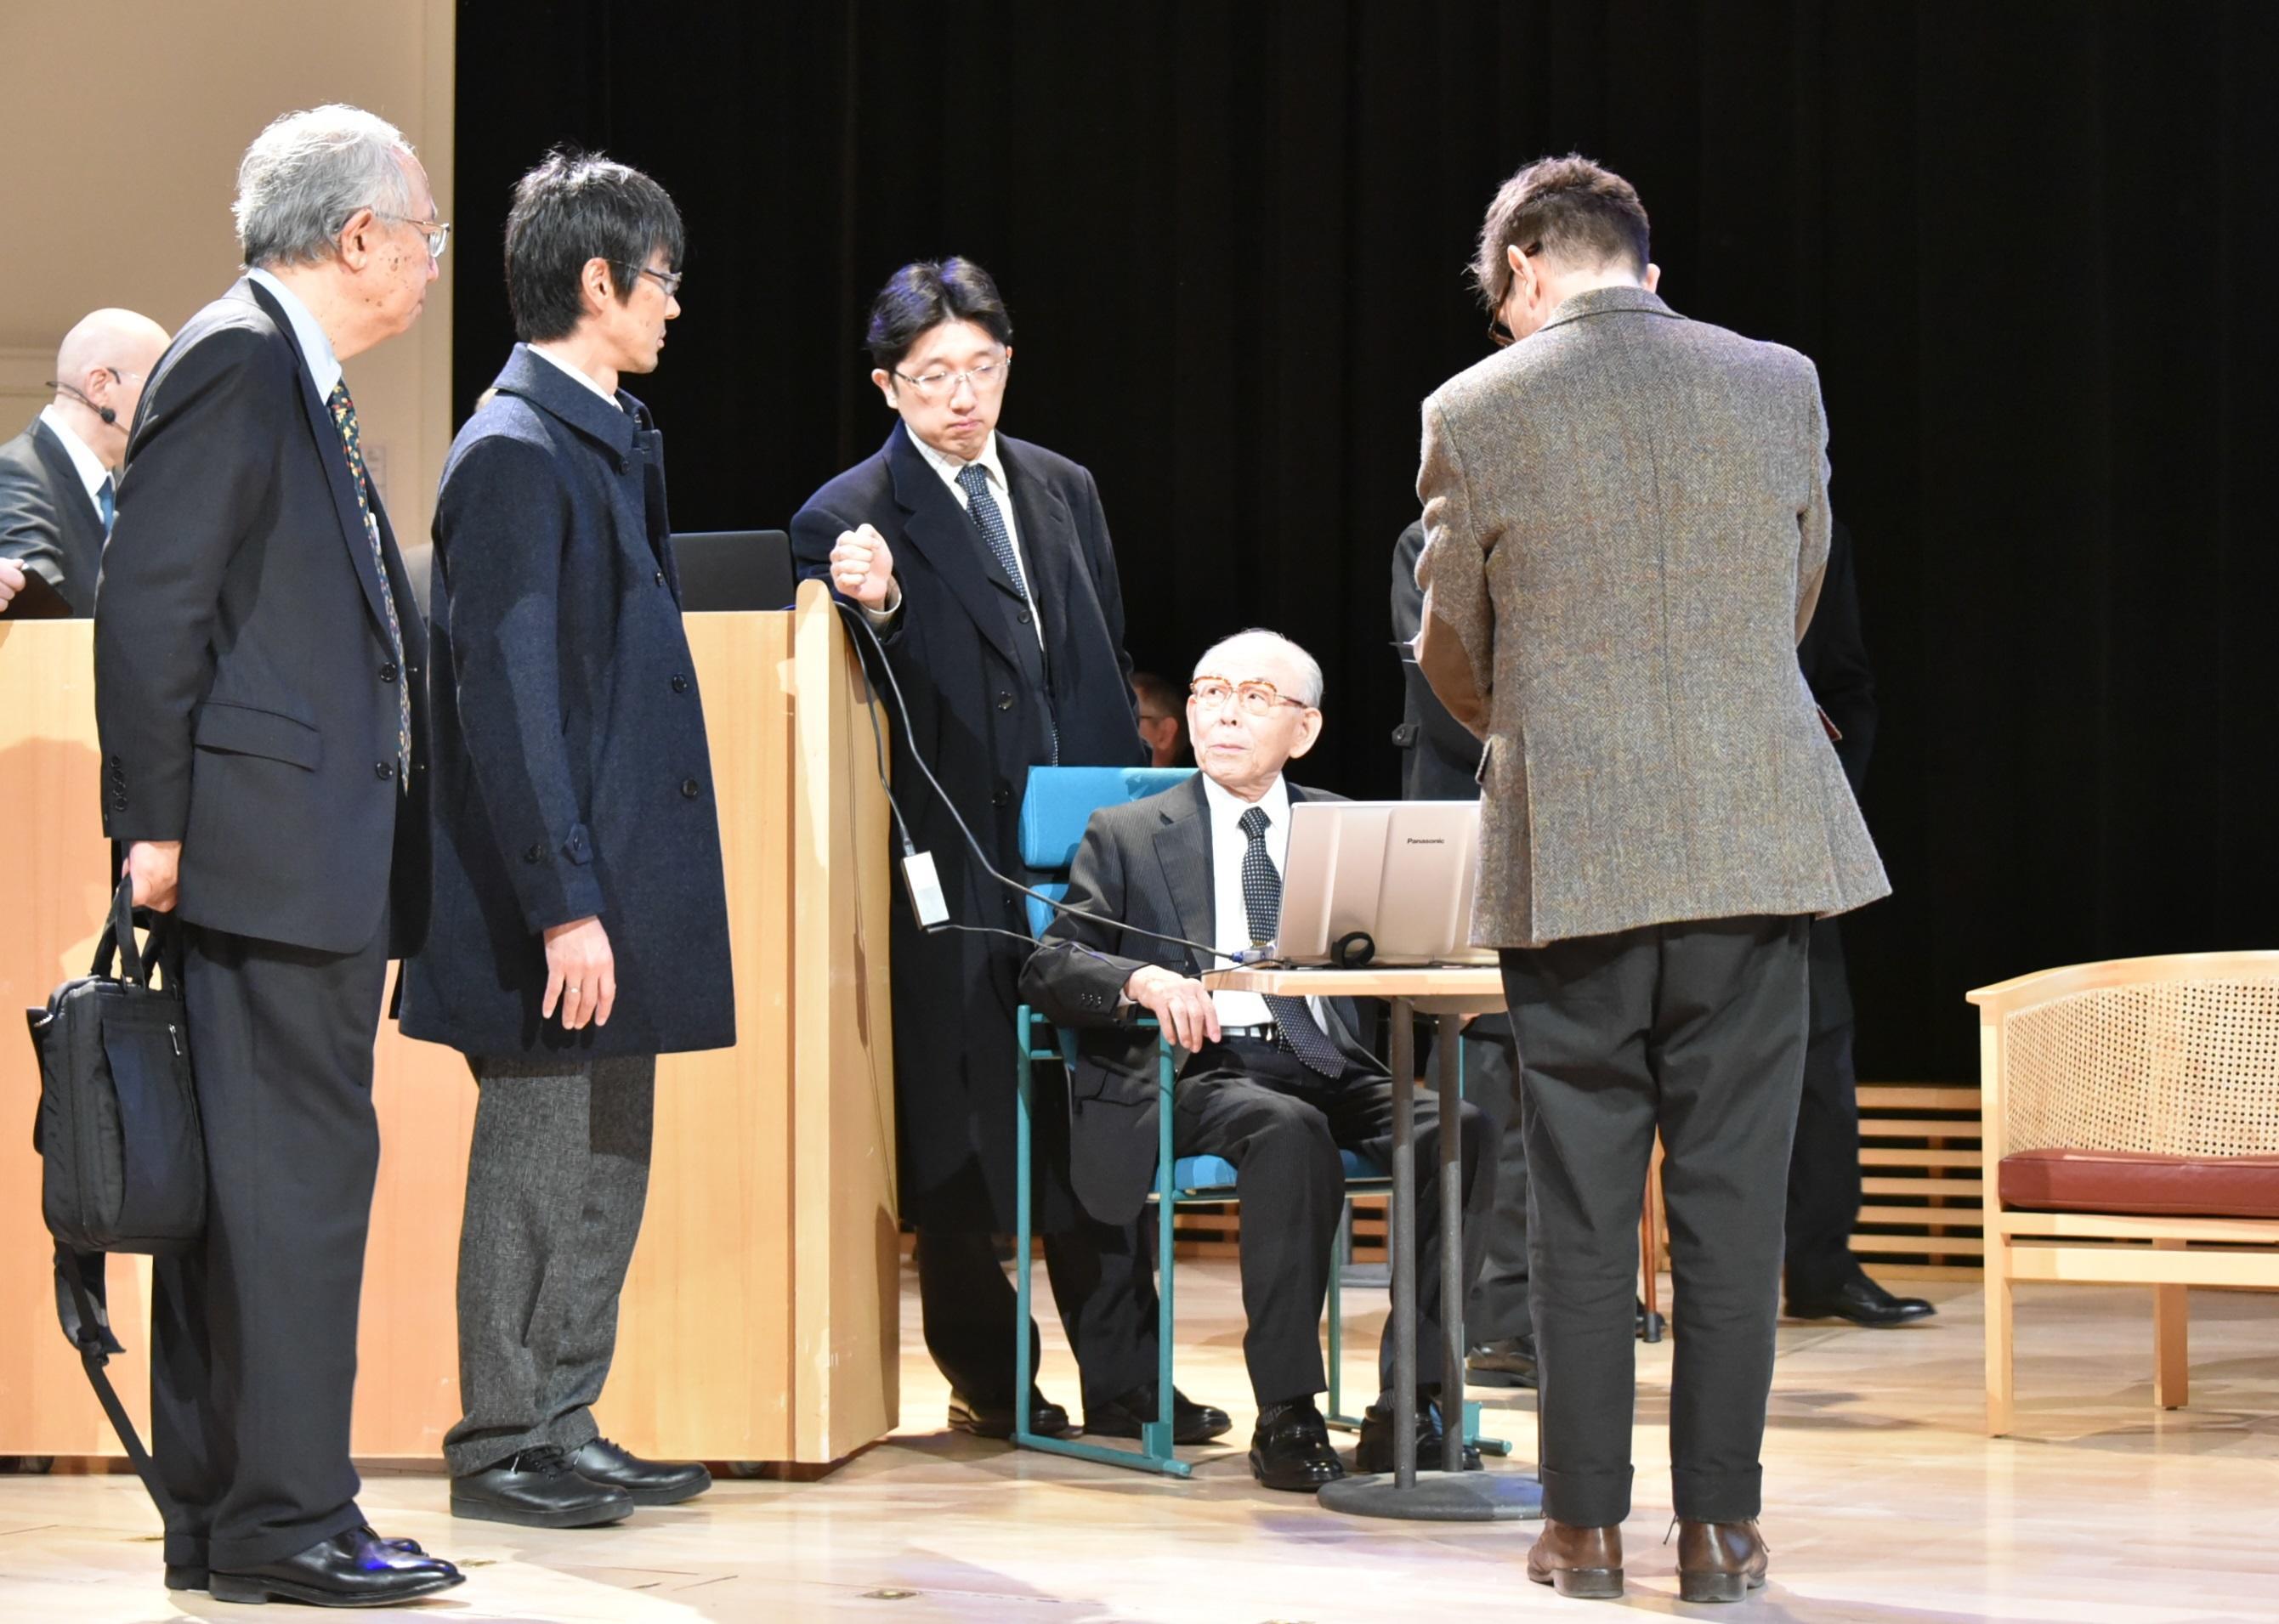 ノーベル・レクチャーのリハーサルで赤﨑勇終身教授に付き添う竹内哲也准教授(当時)と岩谷素顕准教授(当時)ら